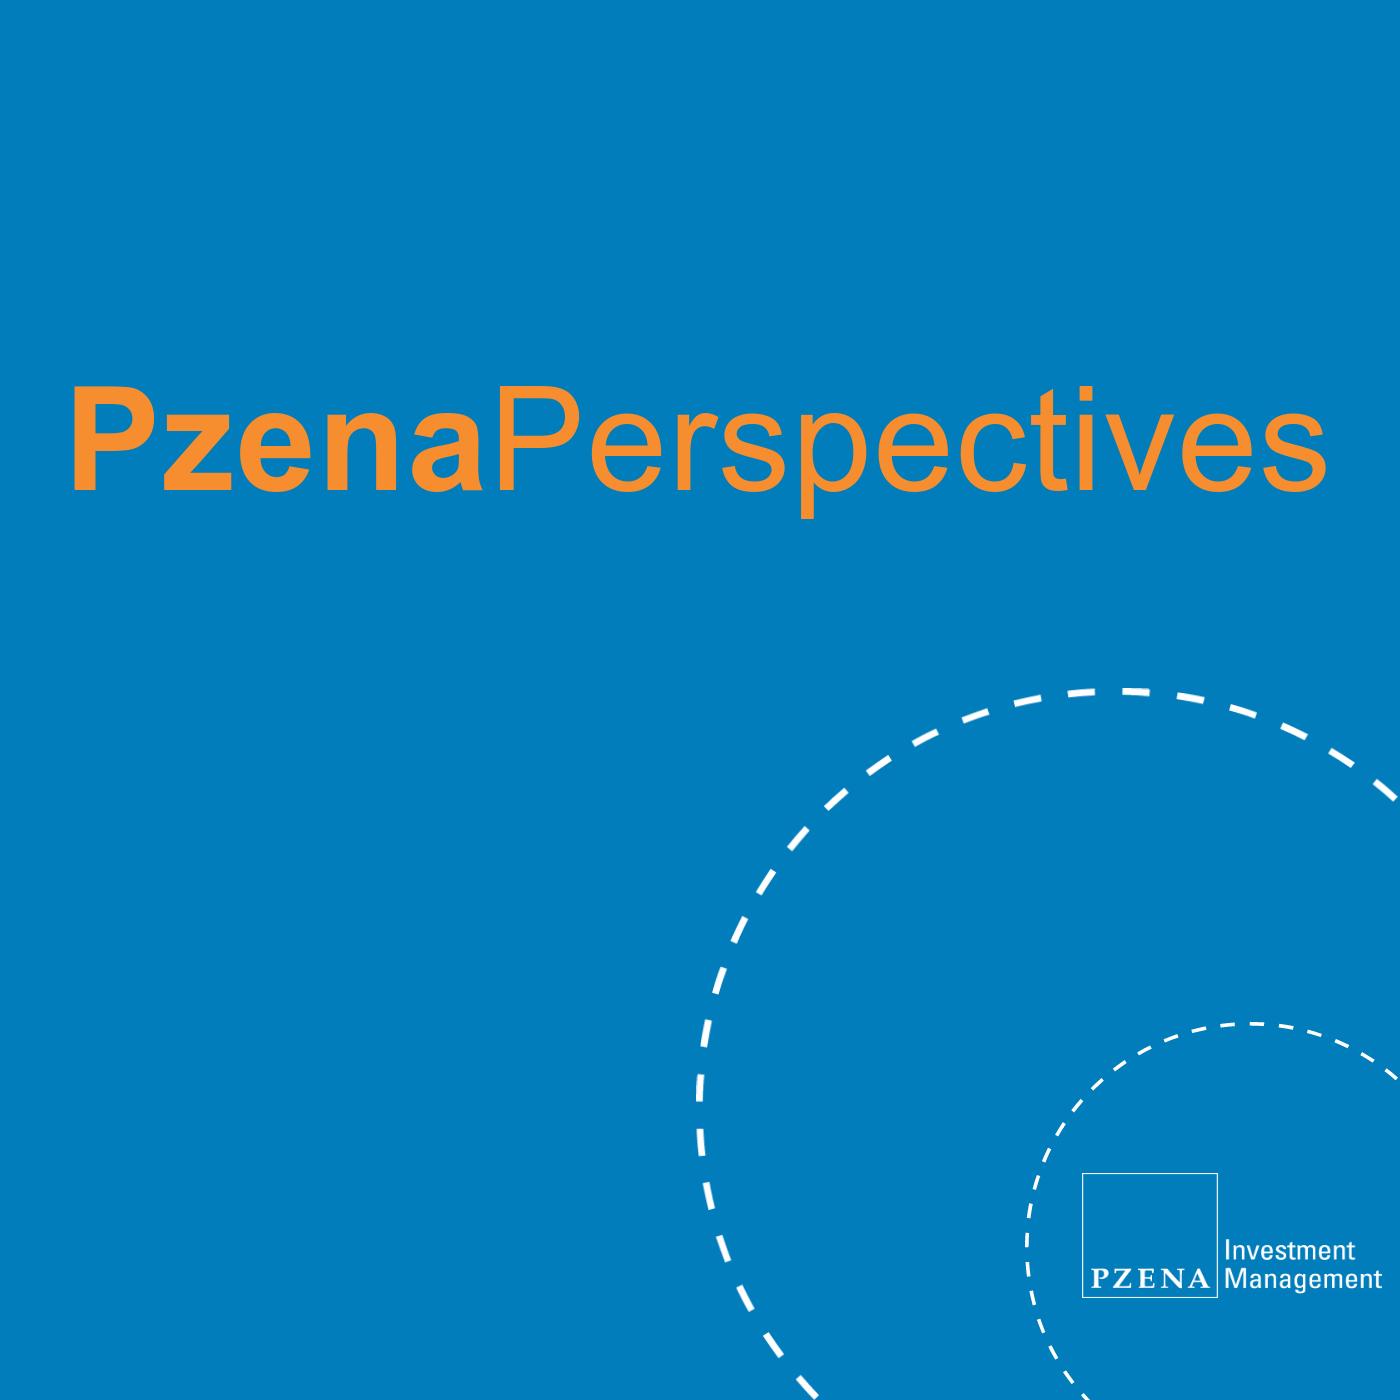 PzenaPerspectives